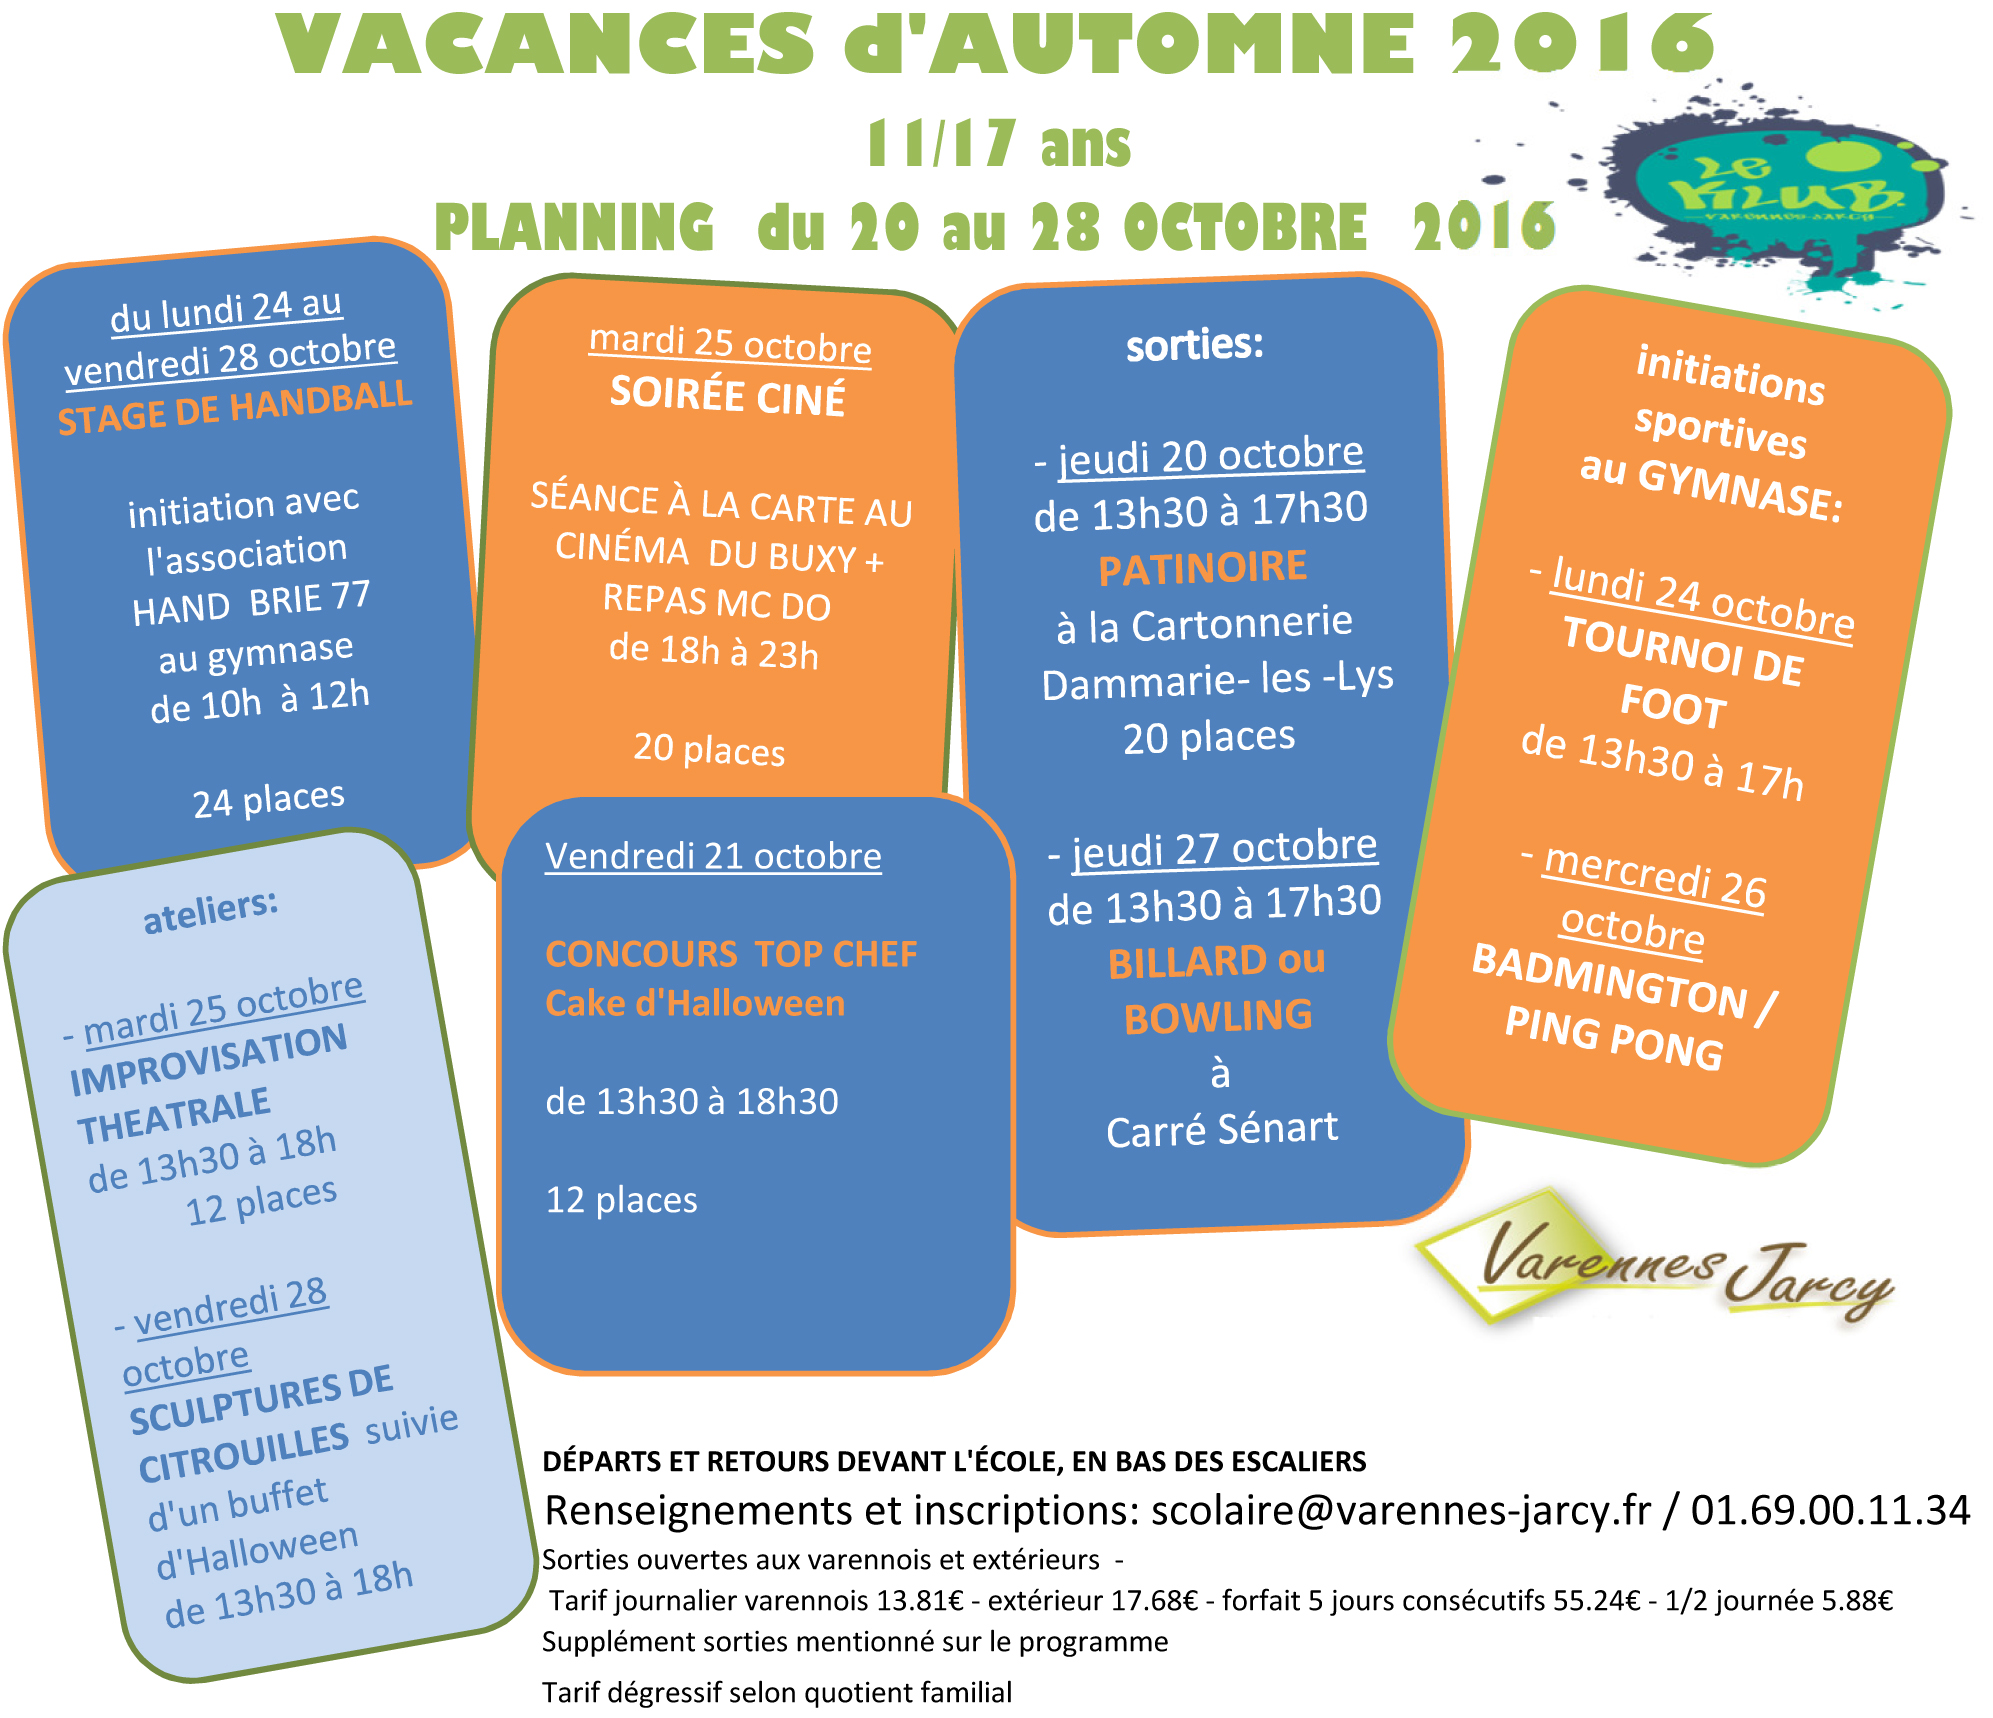 Vacances automne ville de varennes jarcy Vacances automne 2015